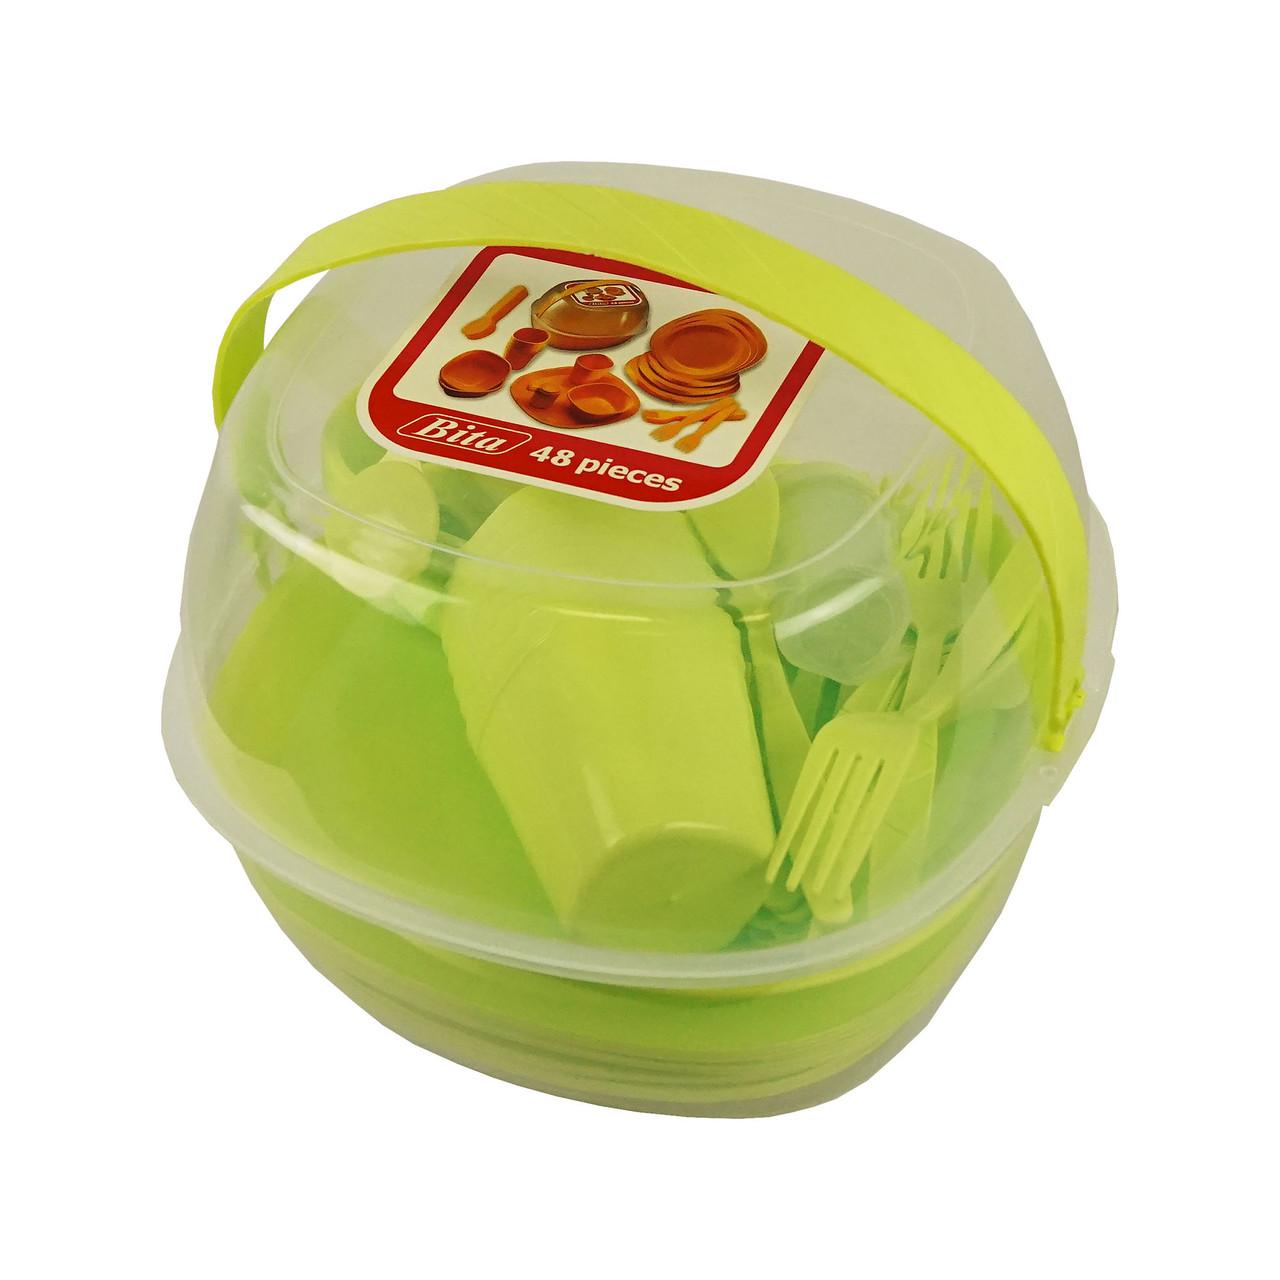 Уценка (товар с небольшим дефектом) Набор пластиковой посуды для пикника 48 предметов